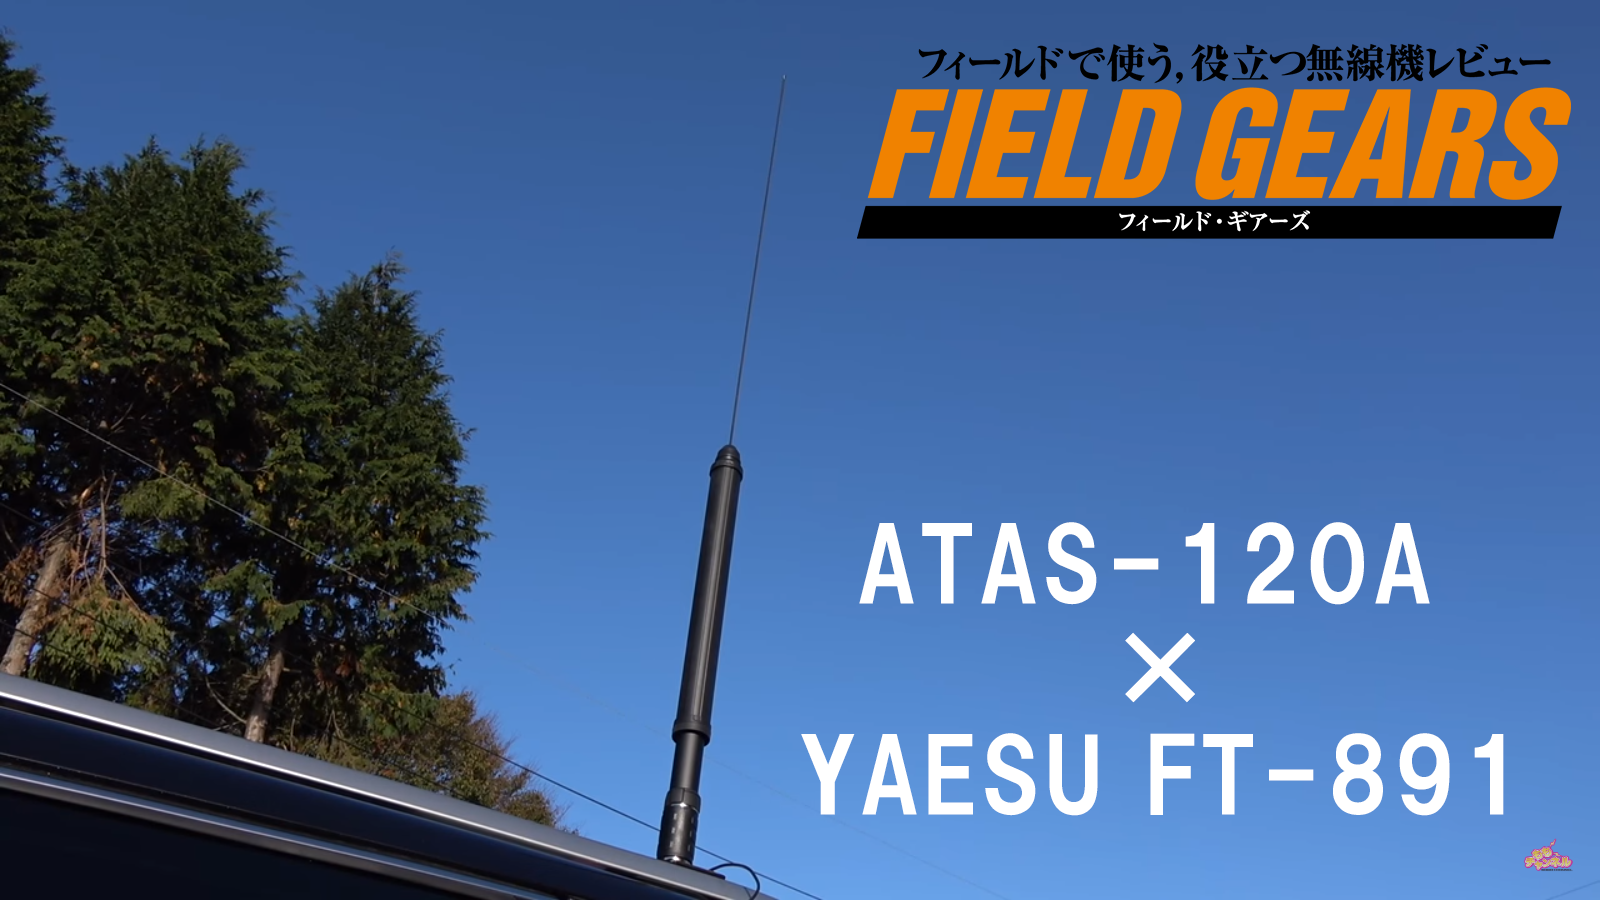 ATAS-120A&FT-891Mで簡易ロングワイヤアンテナ運用